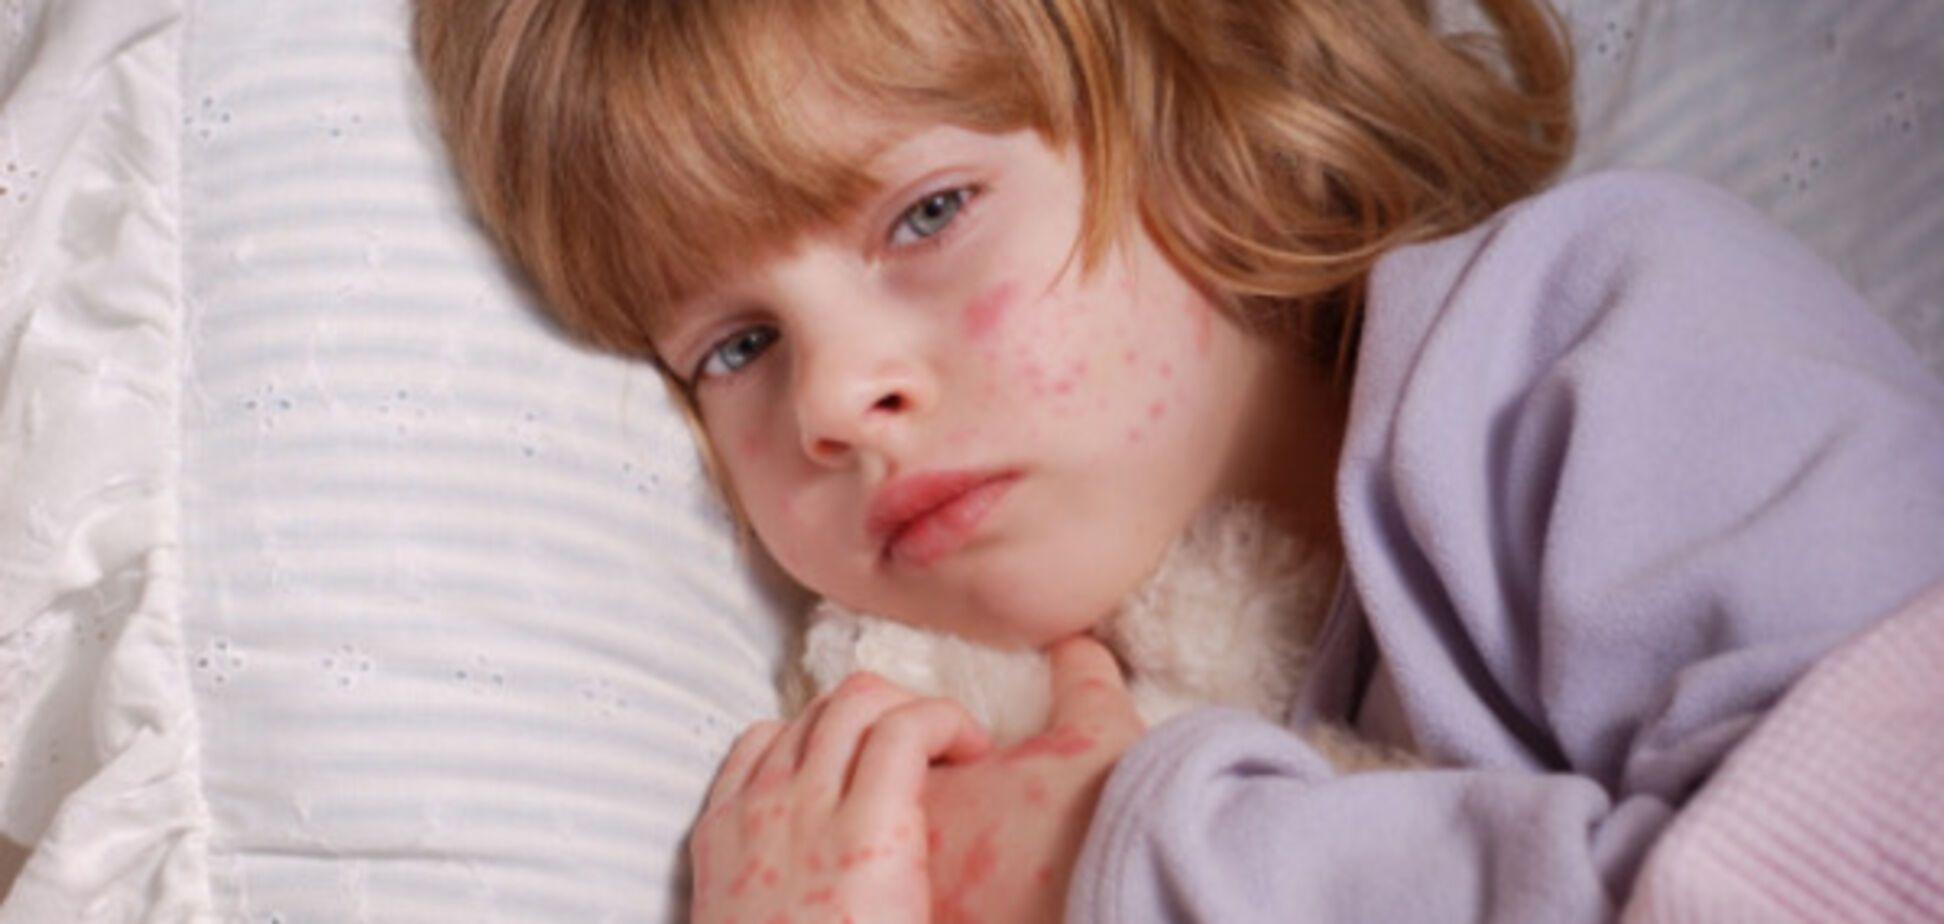 Доктор Комаровський про висипку на обличчі дитини: як зрозуміти, що це алергія